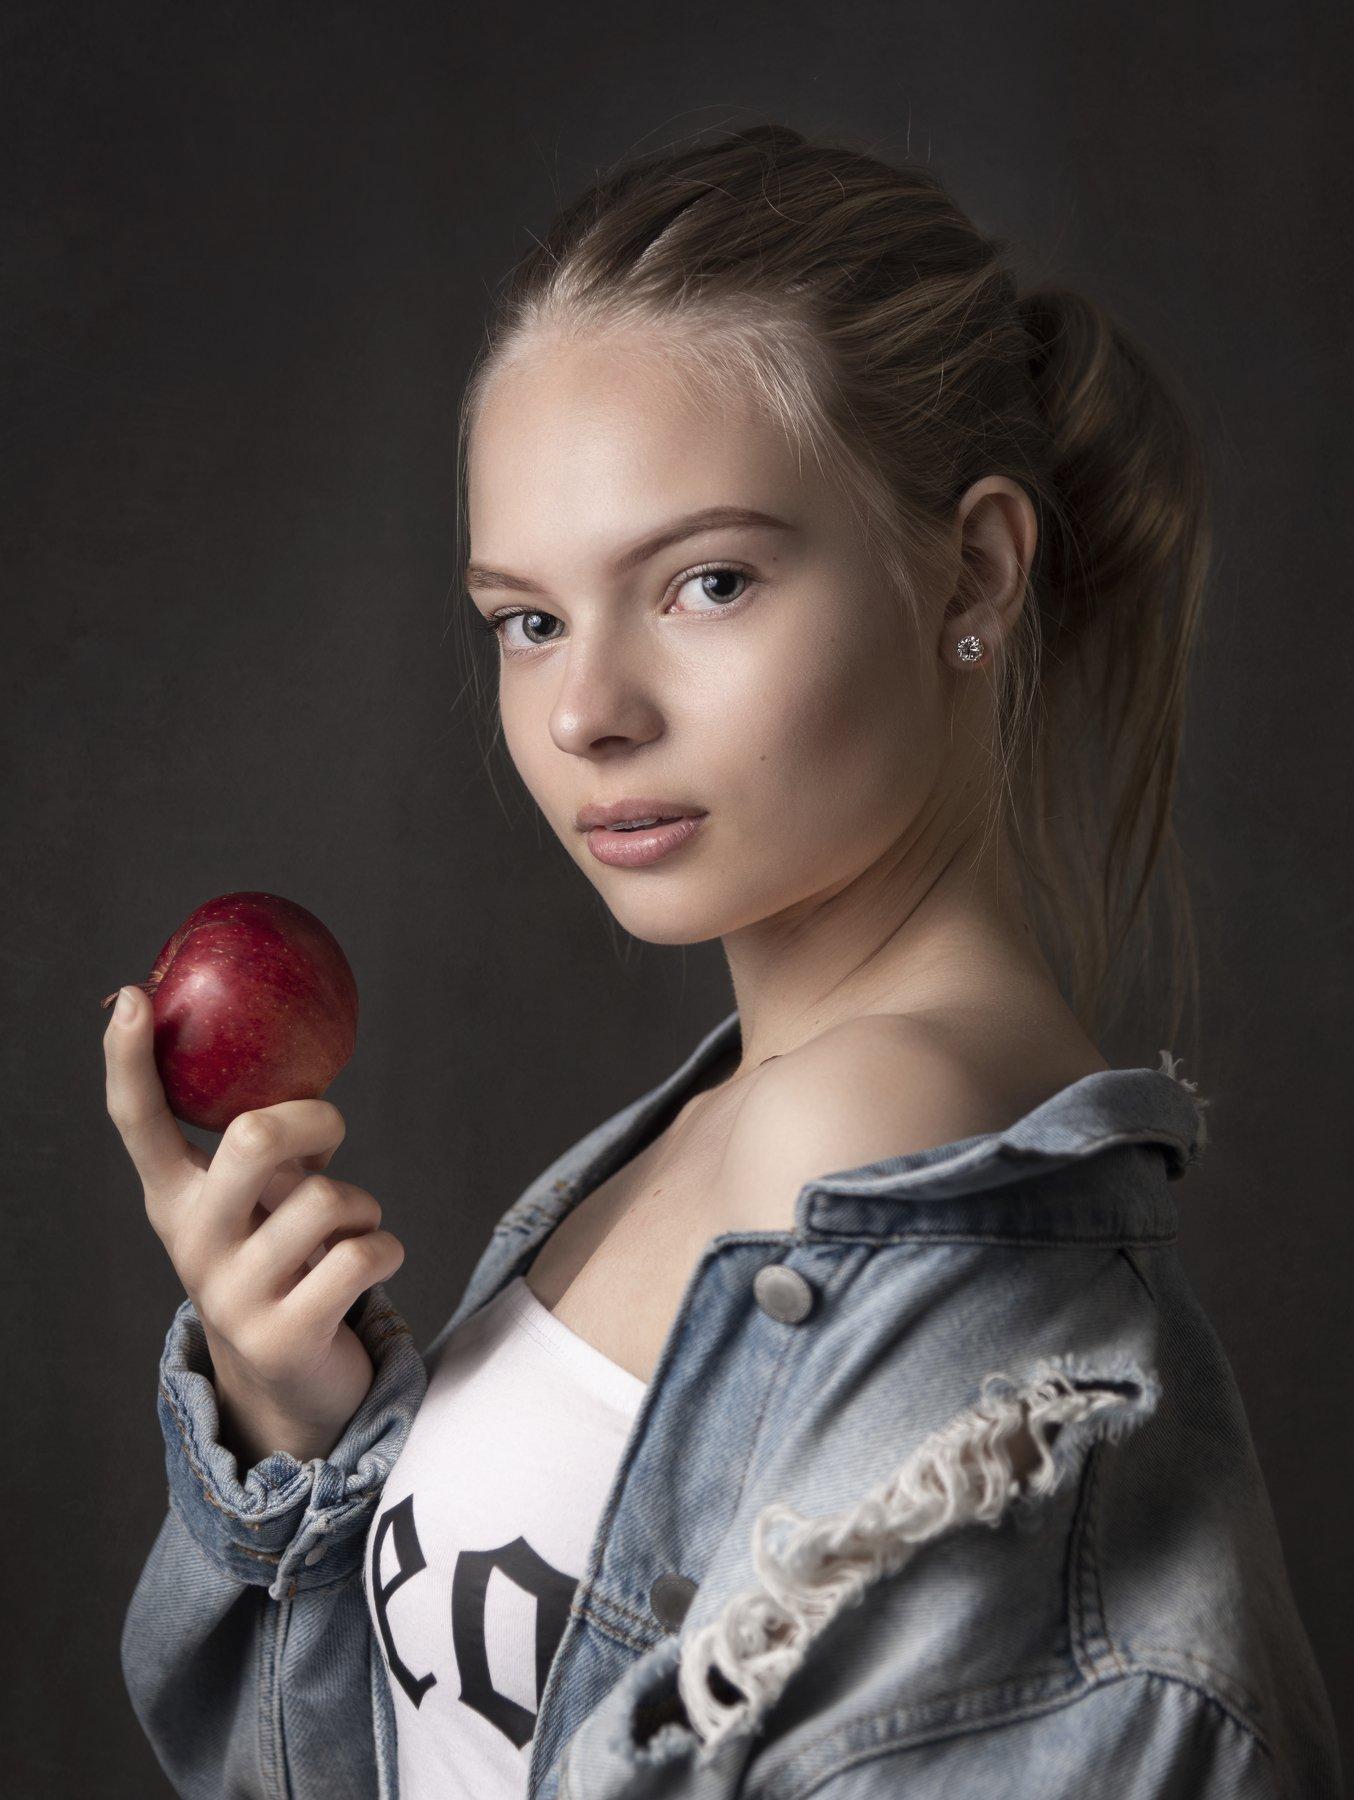 портрет , взгляд ,красивая девушка , цвет ,волосы , красивые губы ,нежность , таинственность, Наталия Холодова